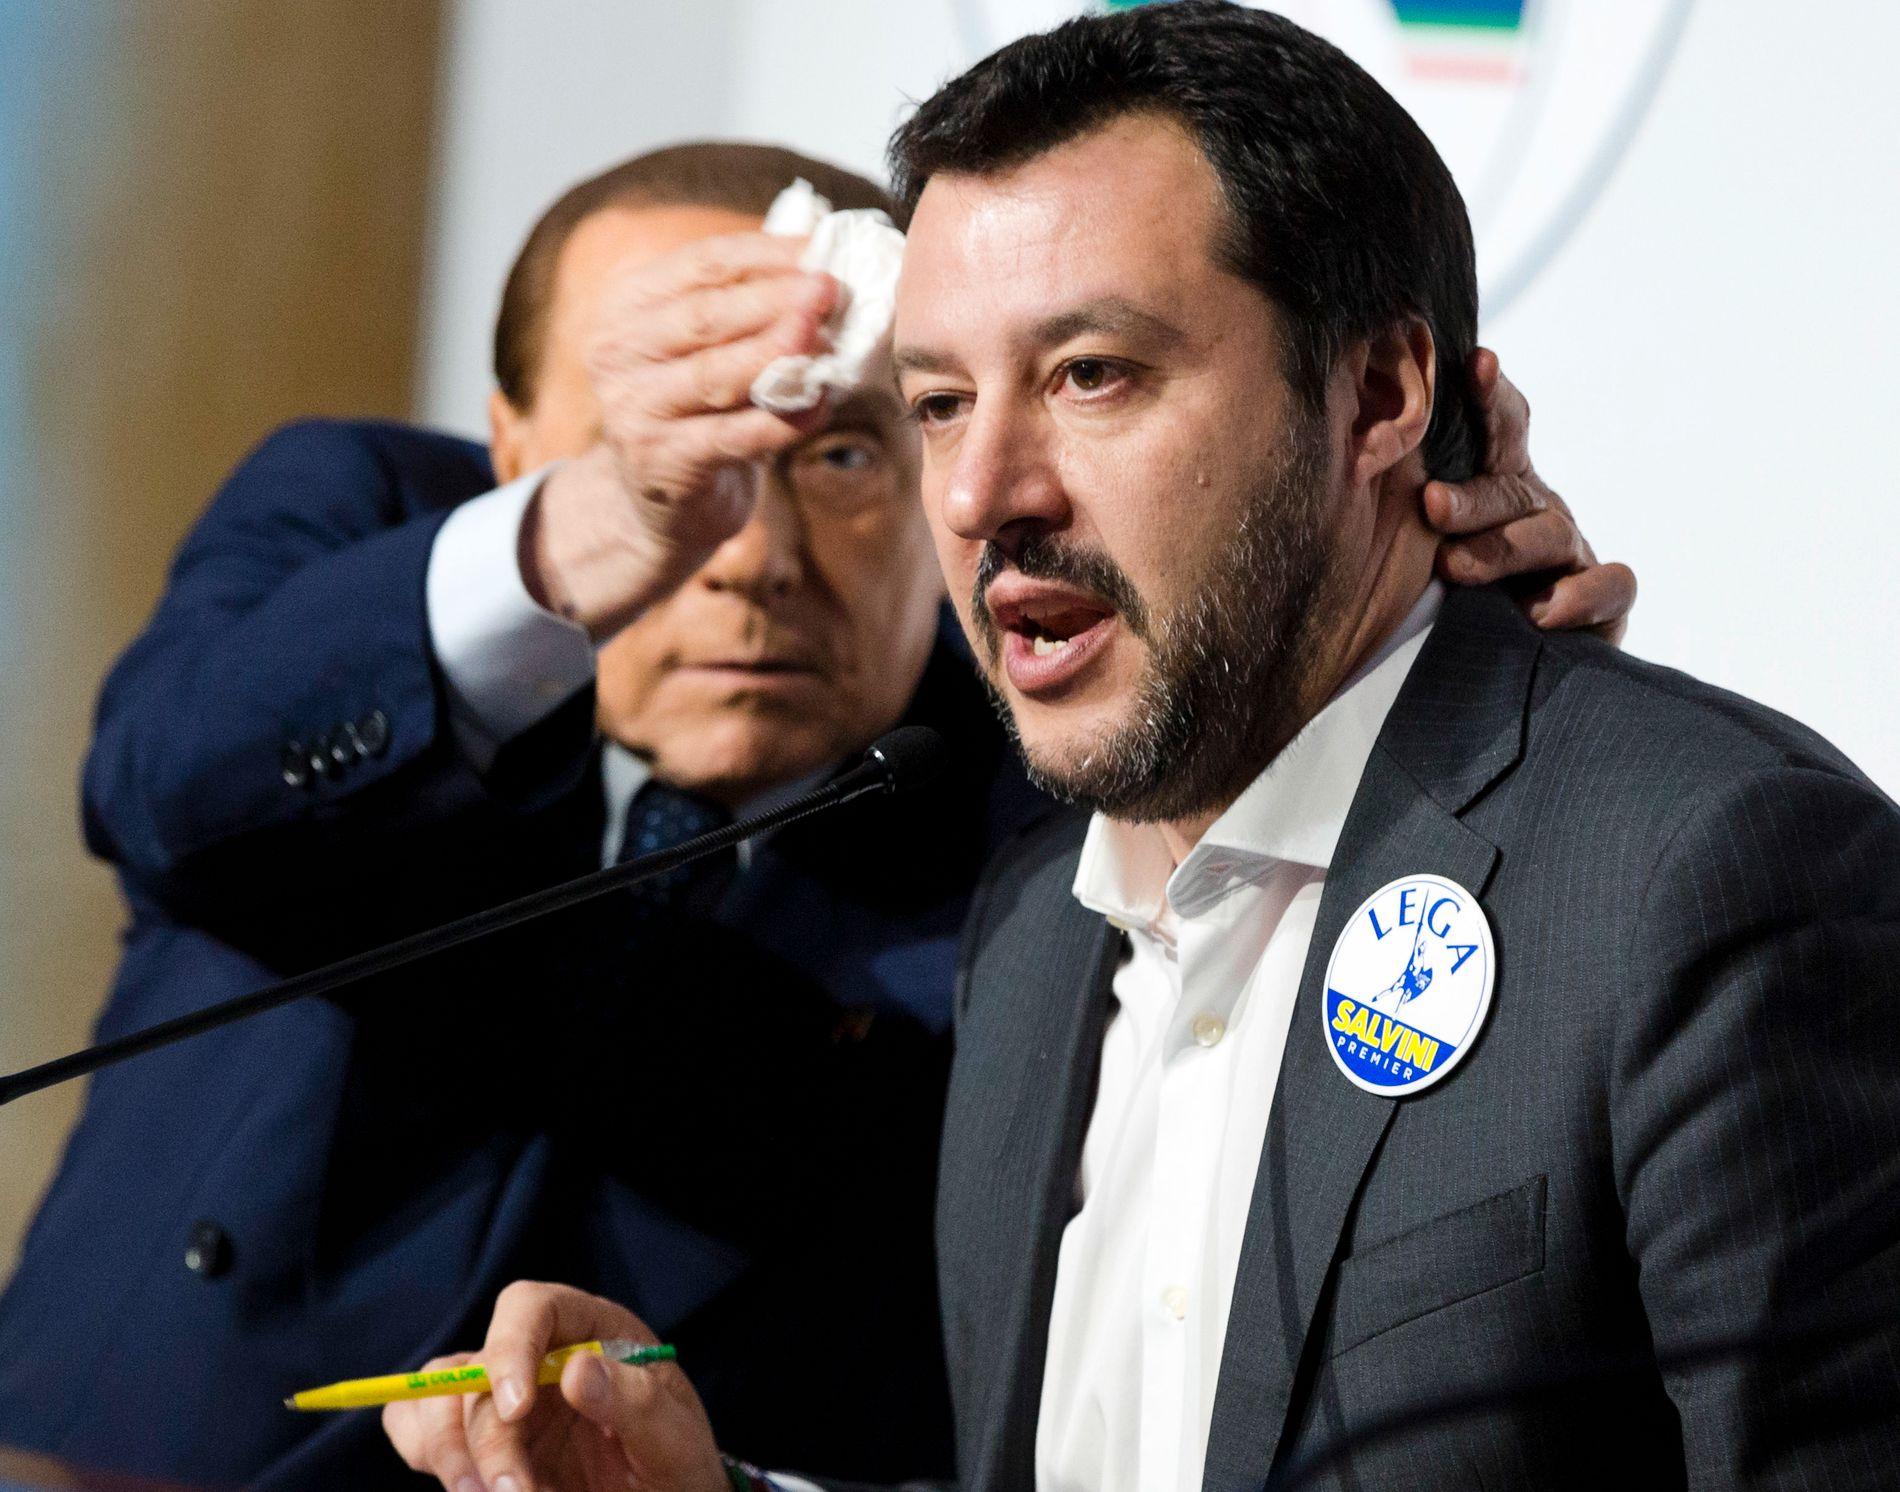 FRONTFIGUR: La Legas leder Matteo Salvini har vært en del av Italias politiske elite i et par tiår, og partiet har vært i fem regjeringer siden Berlusconis første kabinett i 1994.